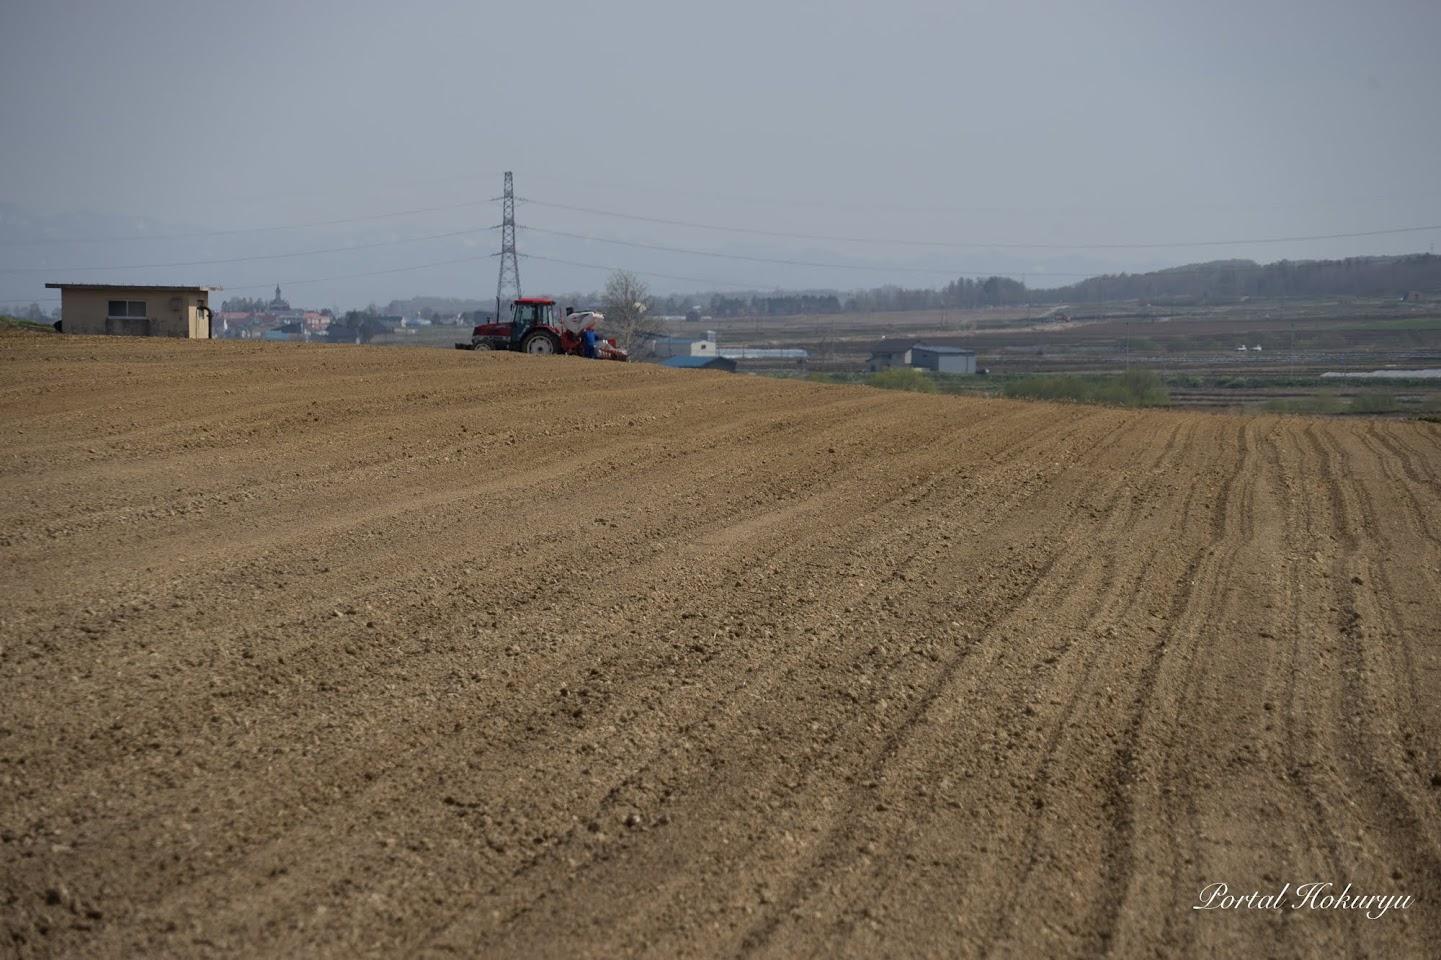 播種が始まった畑